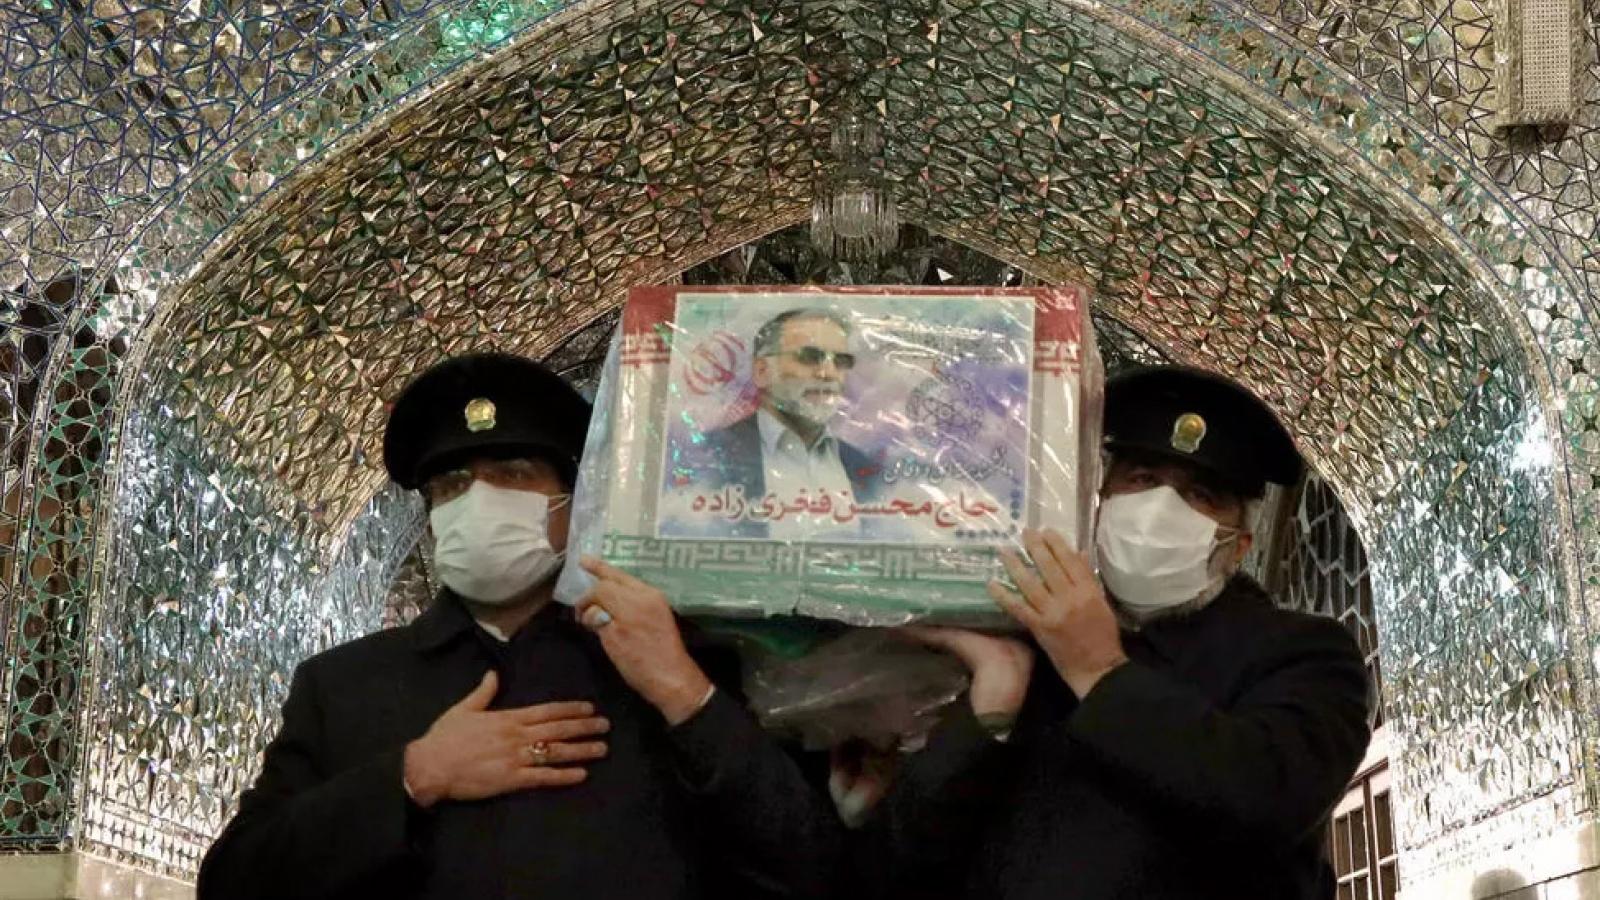 Nhà khoa học hạt nhân Iran bị ám sát bằng súng máy được điều khiển qua vệ tinh